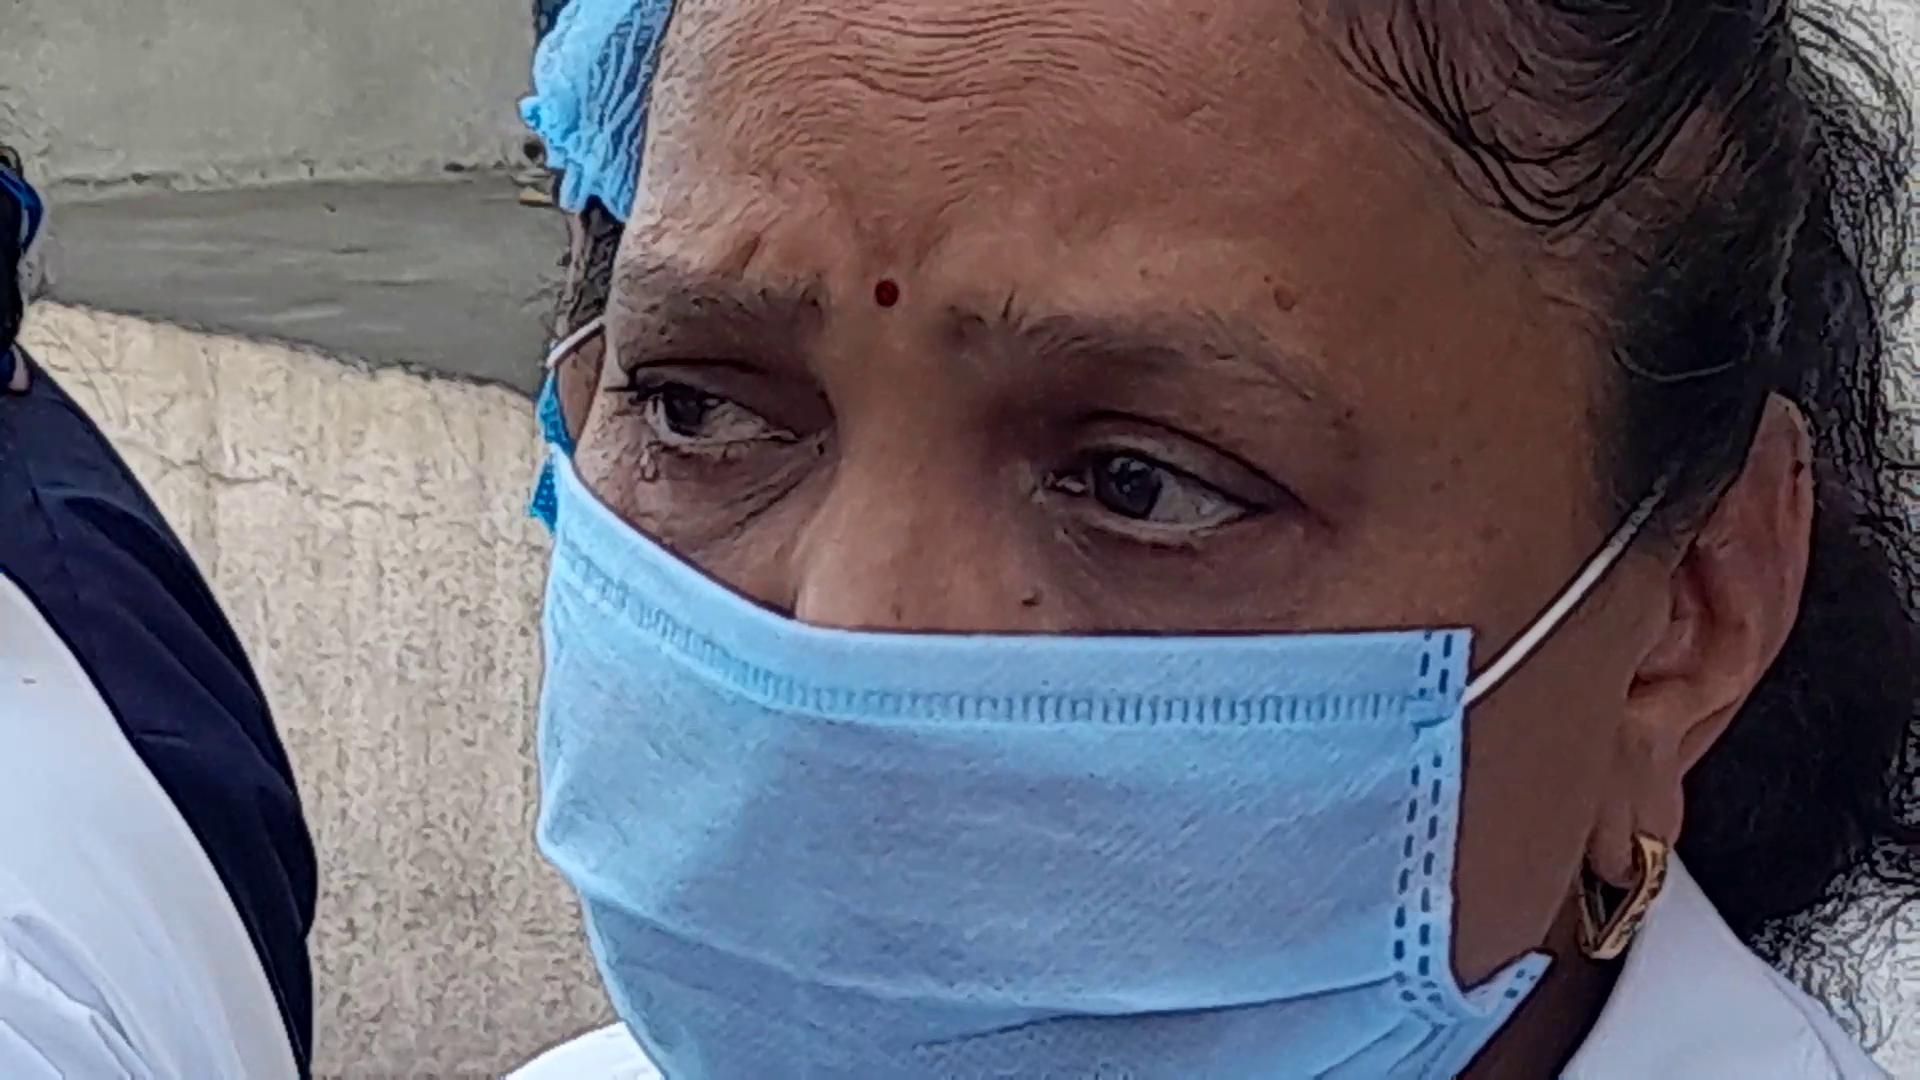 રાજકોટમાં પોતાની માંગણીઓને લઈને નર્સોએ કાળી પટ્ટી બાંધી વિરોધ કર્યો,રડતાં રડતાં કહ્યું-અમારી લાગણીનું શું !,બધા અમને જ ટોર્ચર કર્યા કરે છે|રાજકોટ,Rajkot - Divya Bhaskar